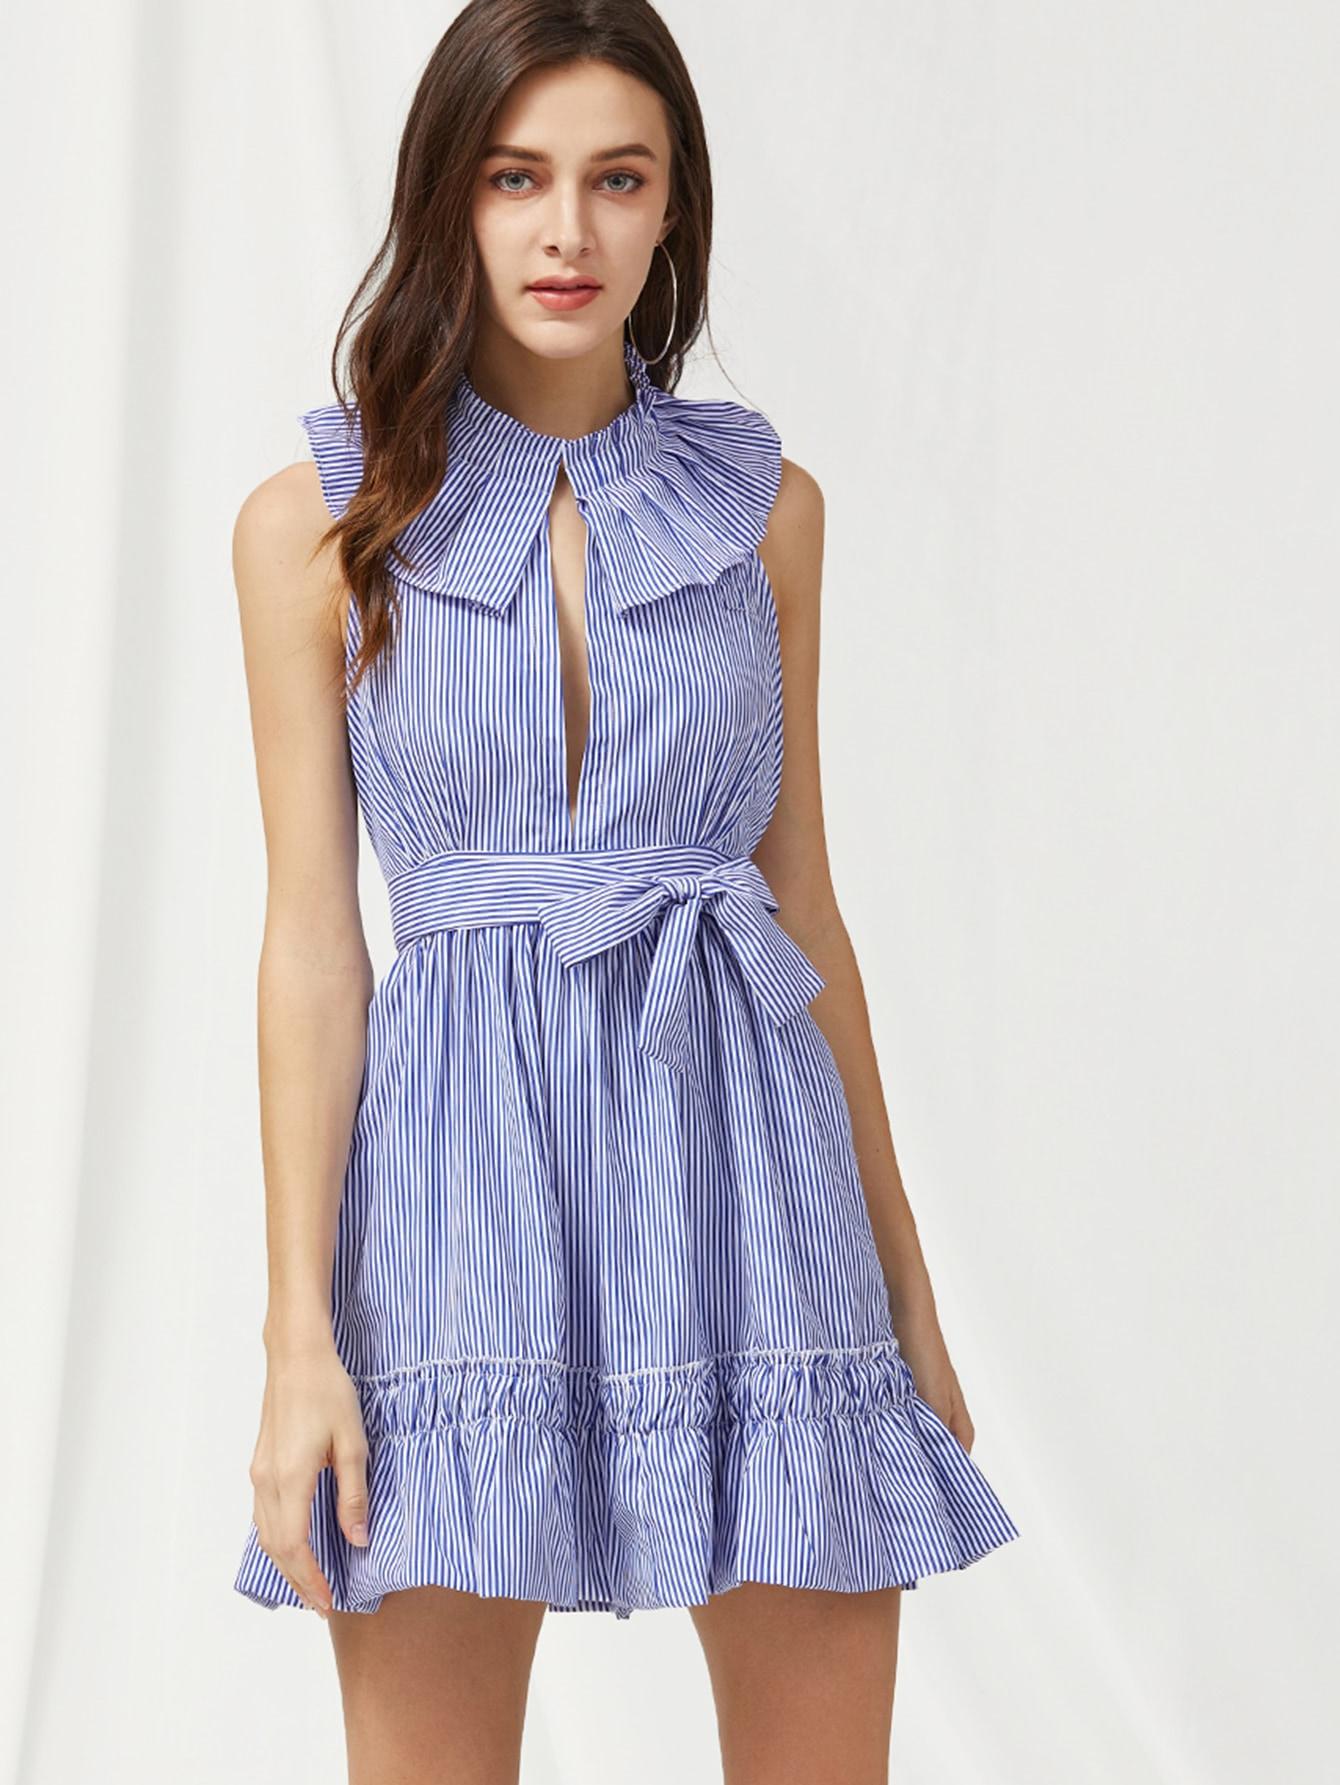 dress170420104_2